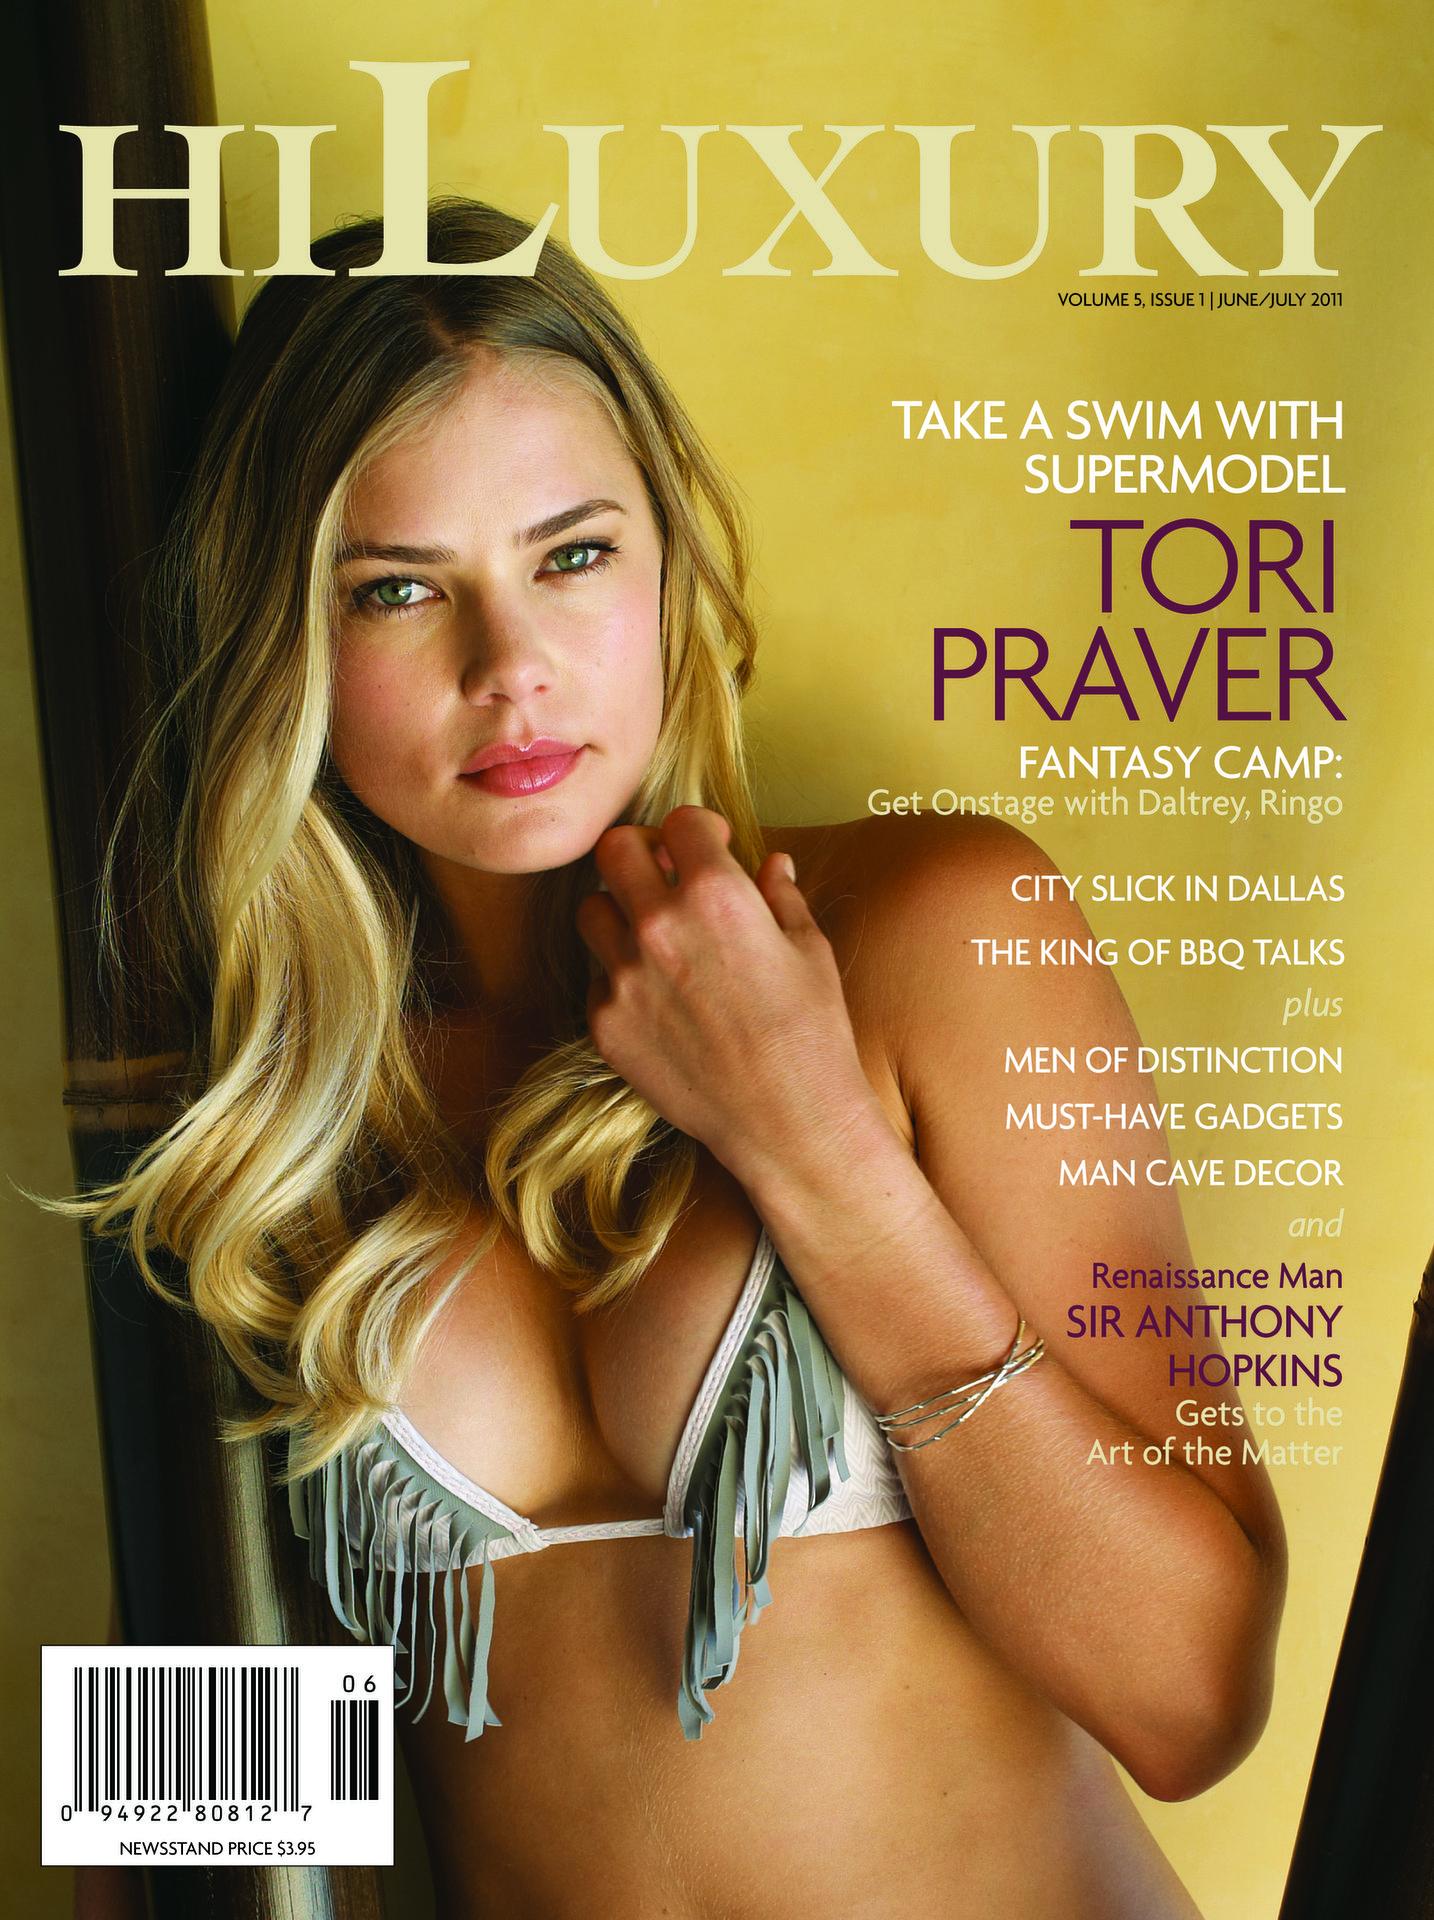 Tori Praver for HI Luxury mag